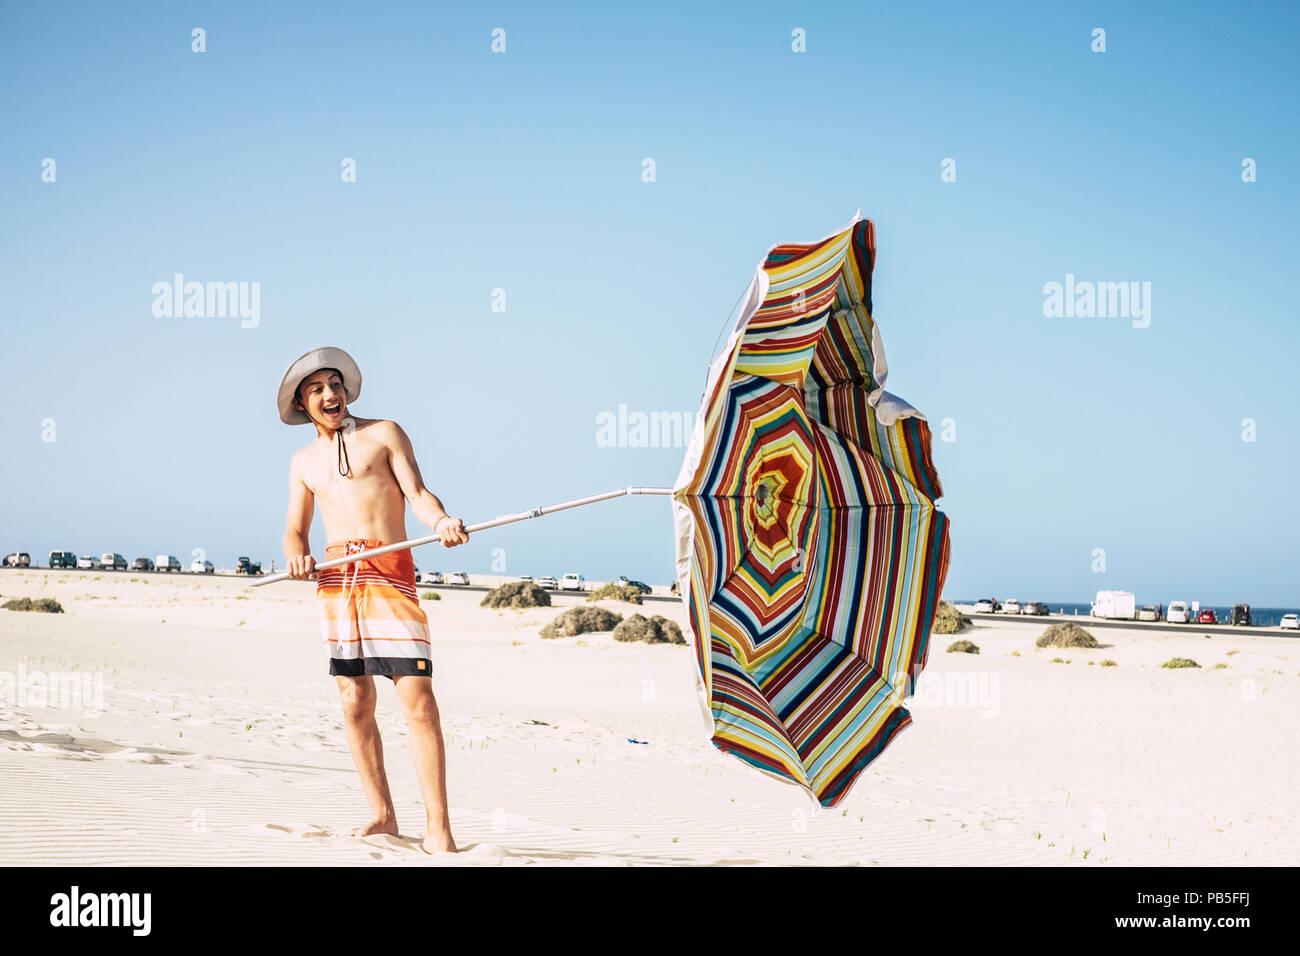 Los jóvenes varones adolescentes caucásicos juegan con sombrilla sol y viento en una arenosa playa Paraíso. sonreír y divertirse disfrutando de las vacaciones y el clima cálido Imagen De Stock